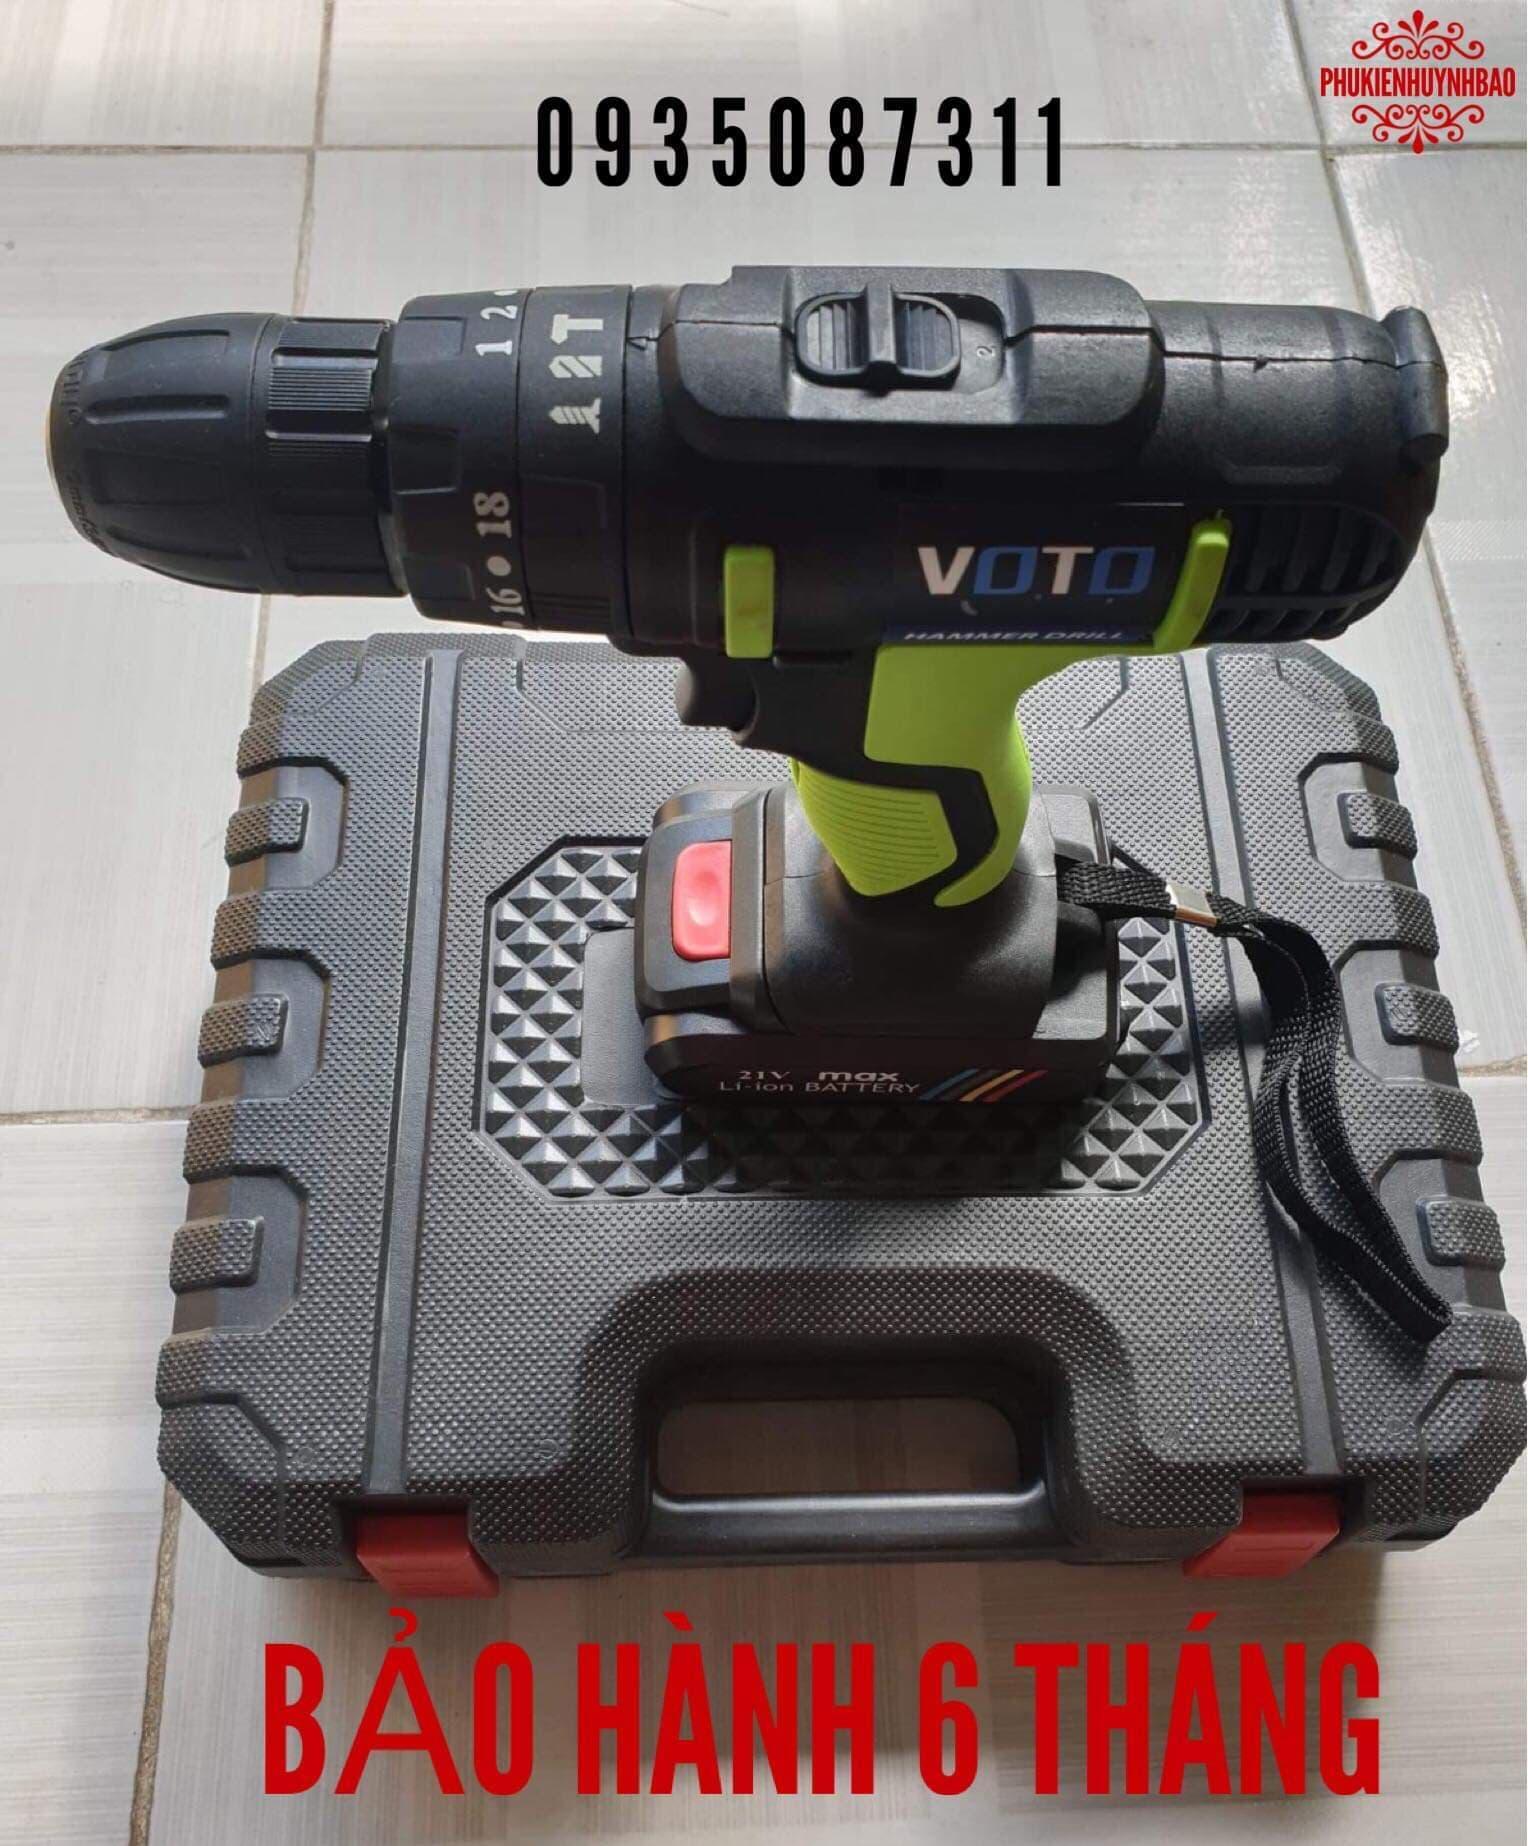 Máy Khoan Pin 3 Chức Năng 21V VOTO,1 Pin,Bảo Hành 6 Tháng.